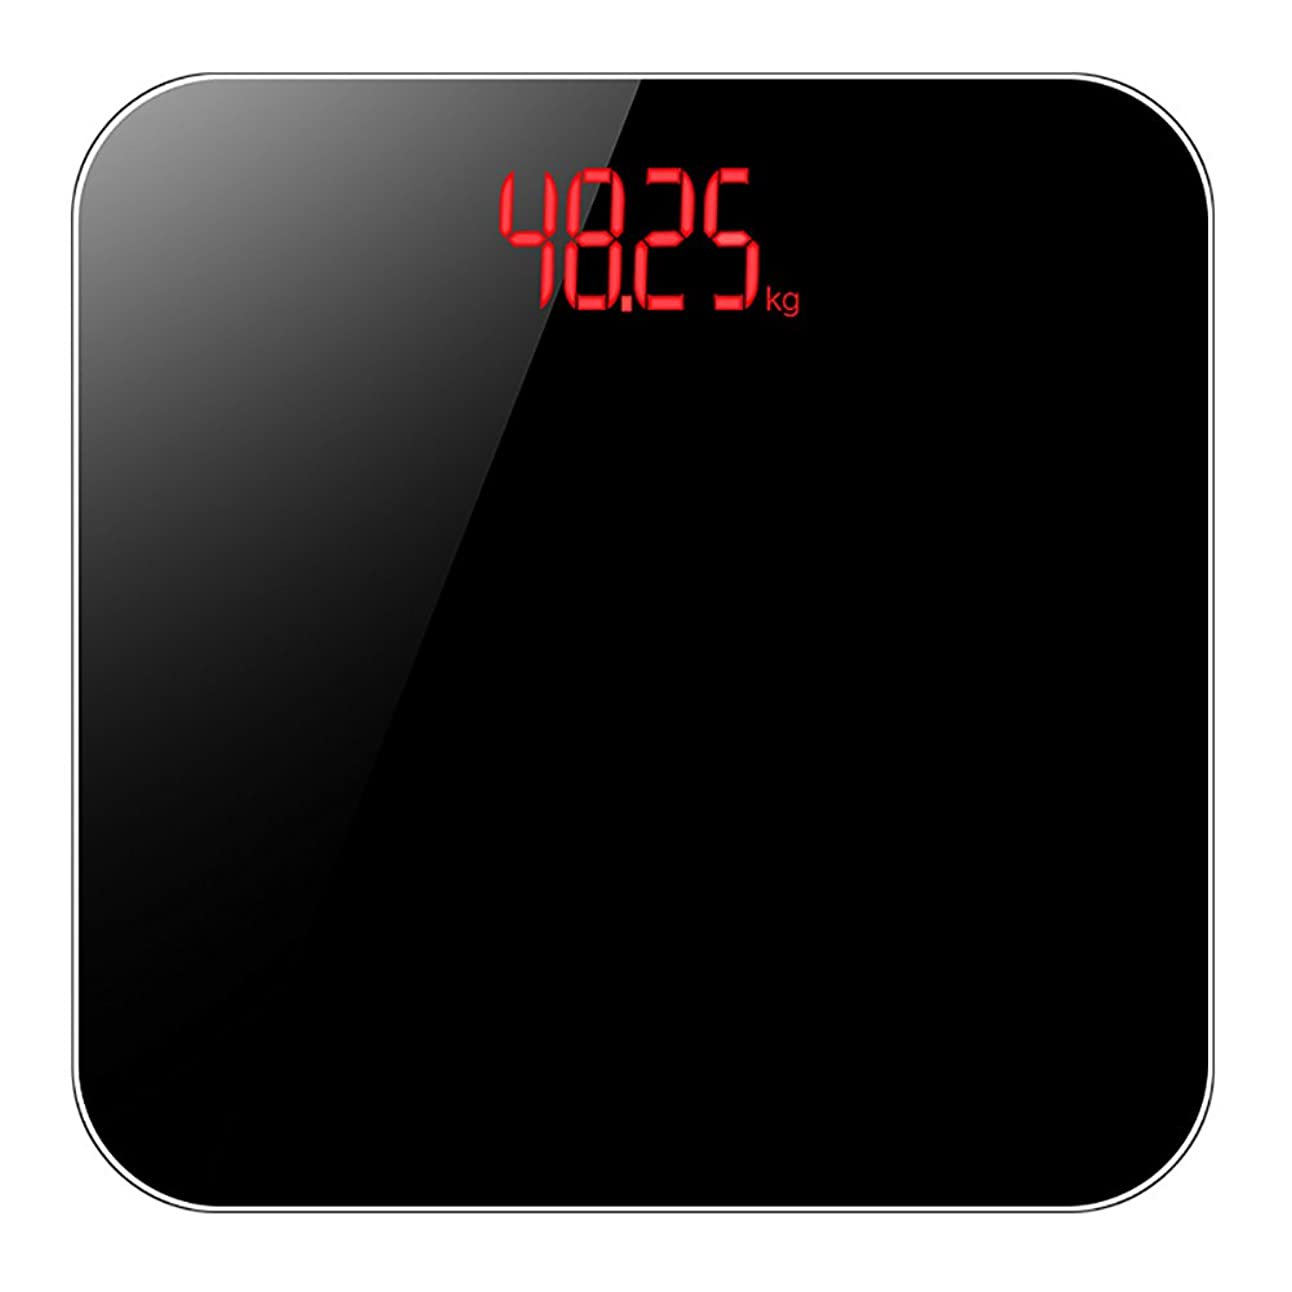 不良ゼロディプロマSYF 体重計 電子スケール重量スケール正確な家族健康スケール重量スケールを失う耐荷重180KG(360日待機) A+